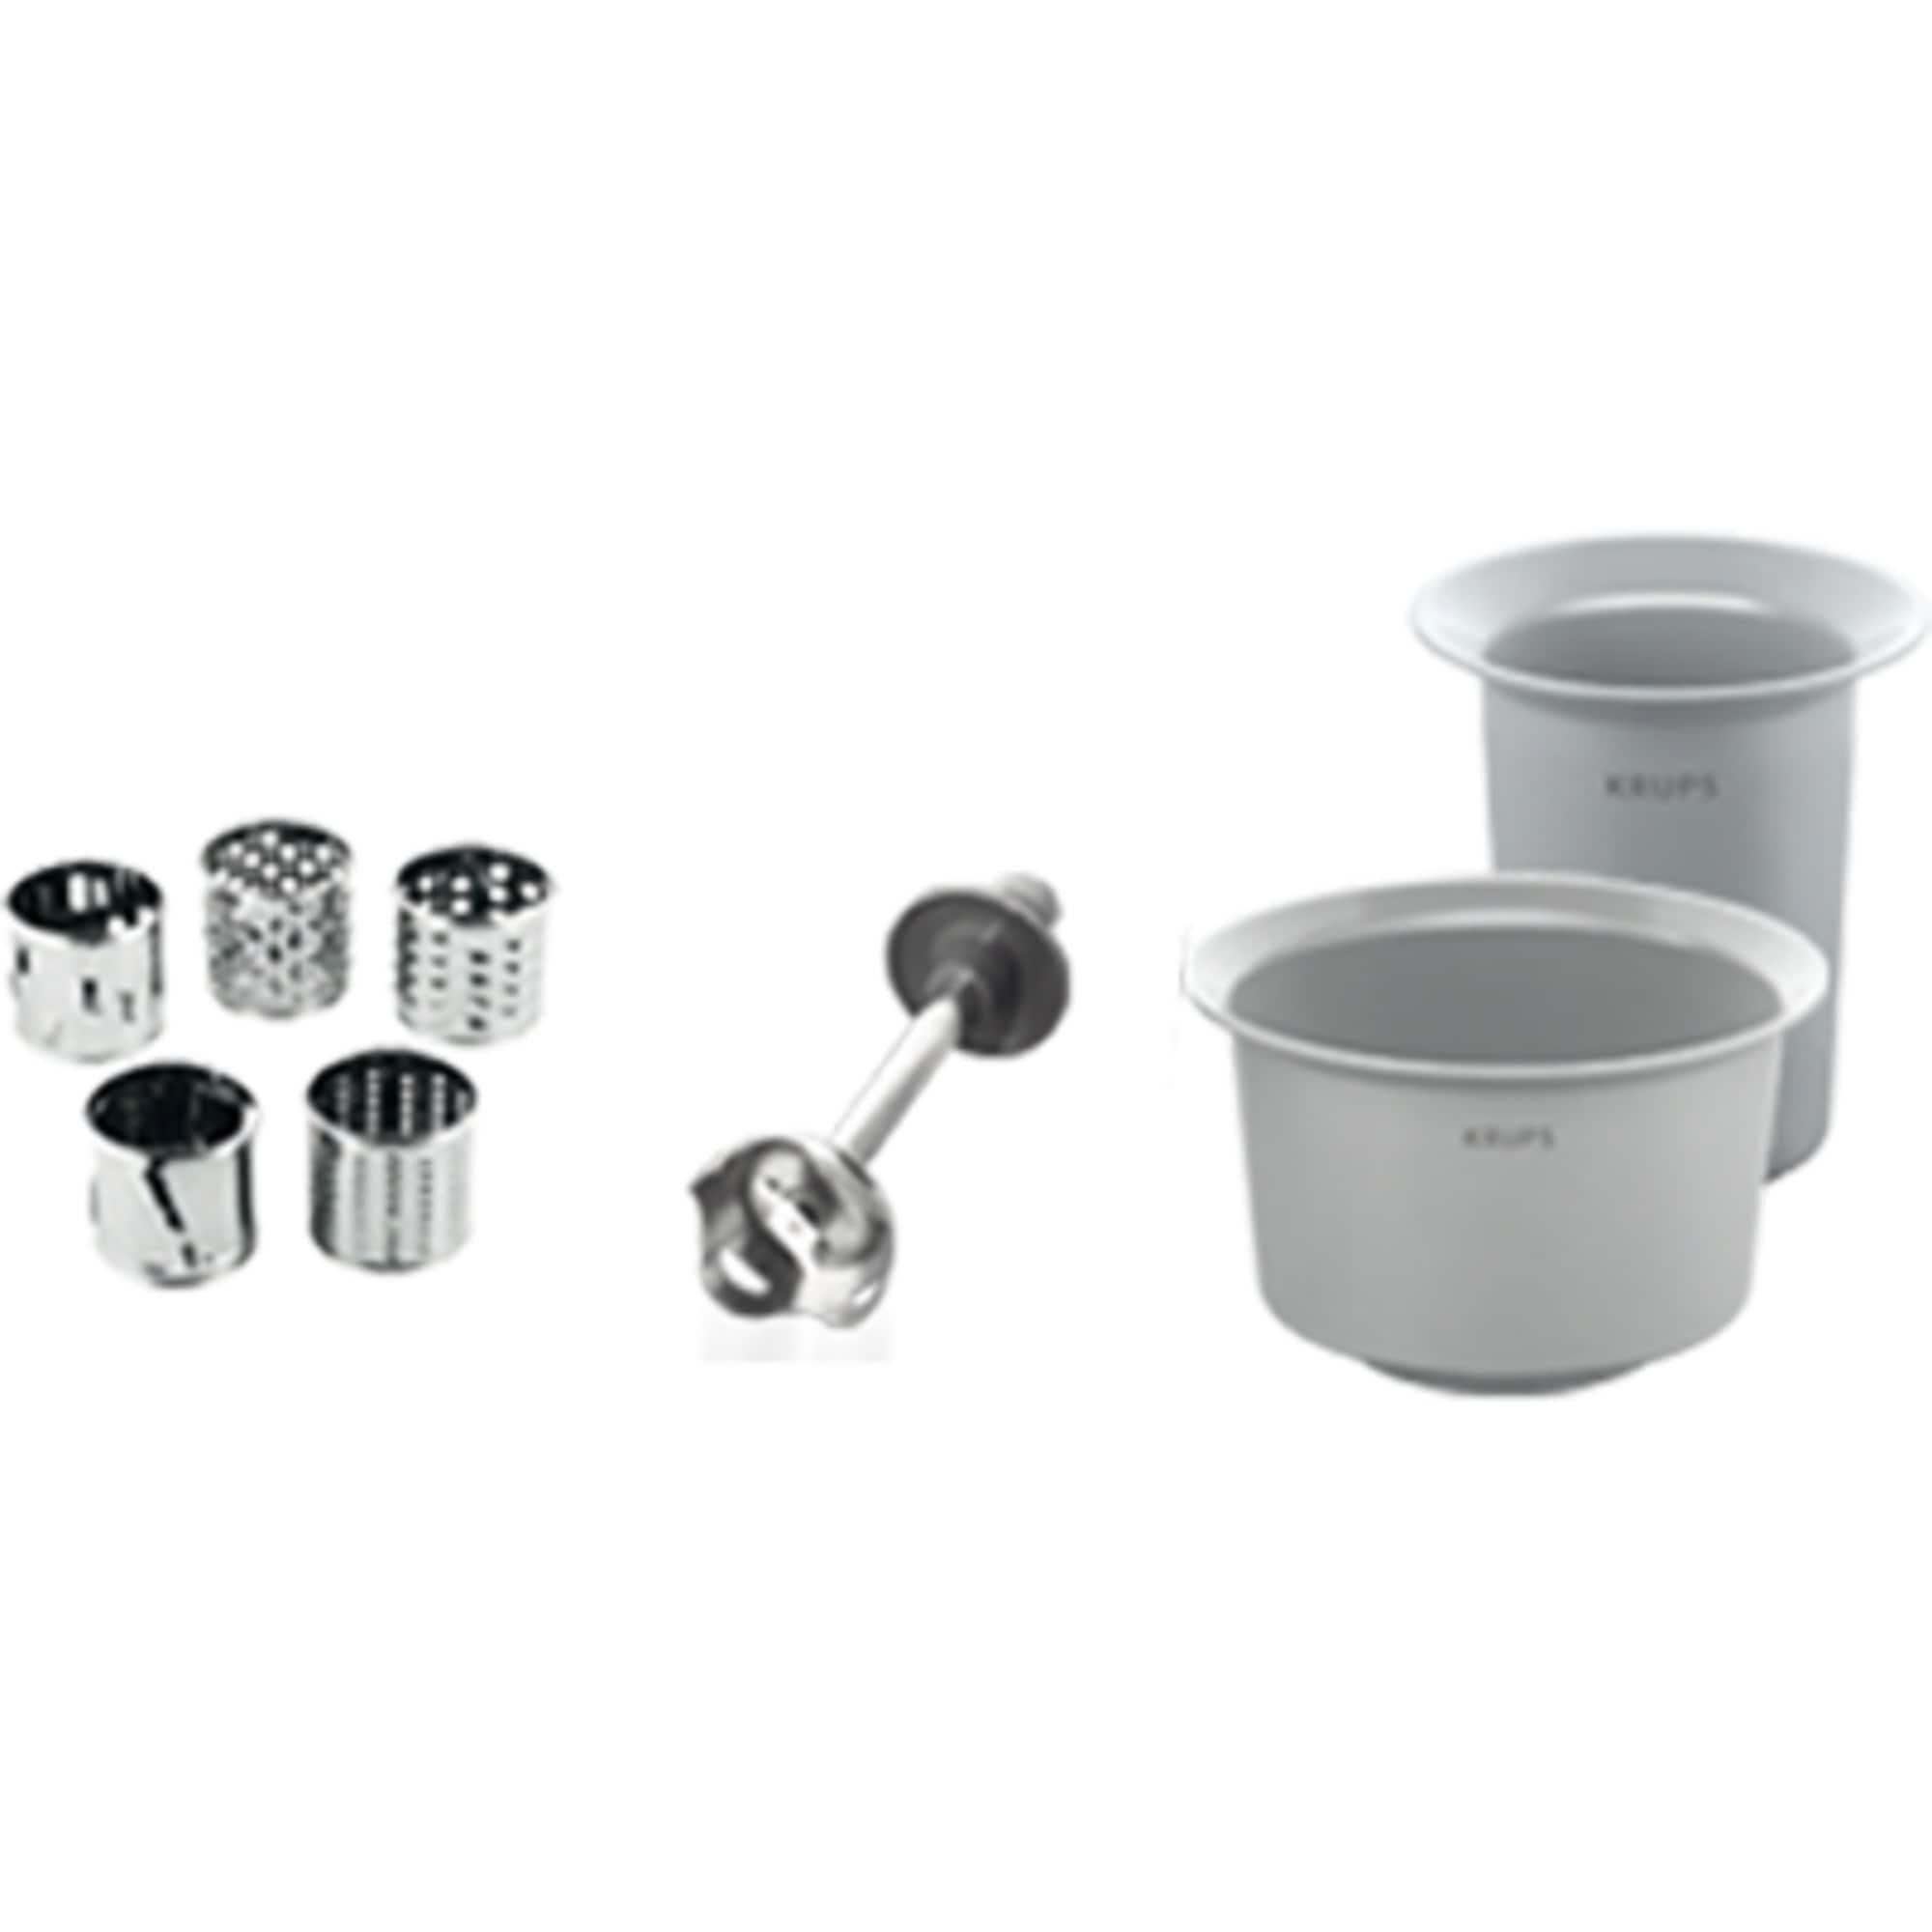 Krups Handmixer 3 Mix 9000 Set GN 9071